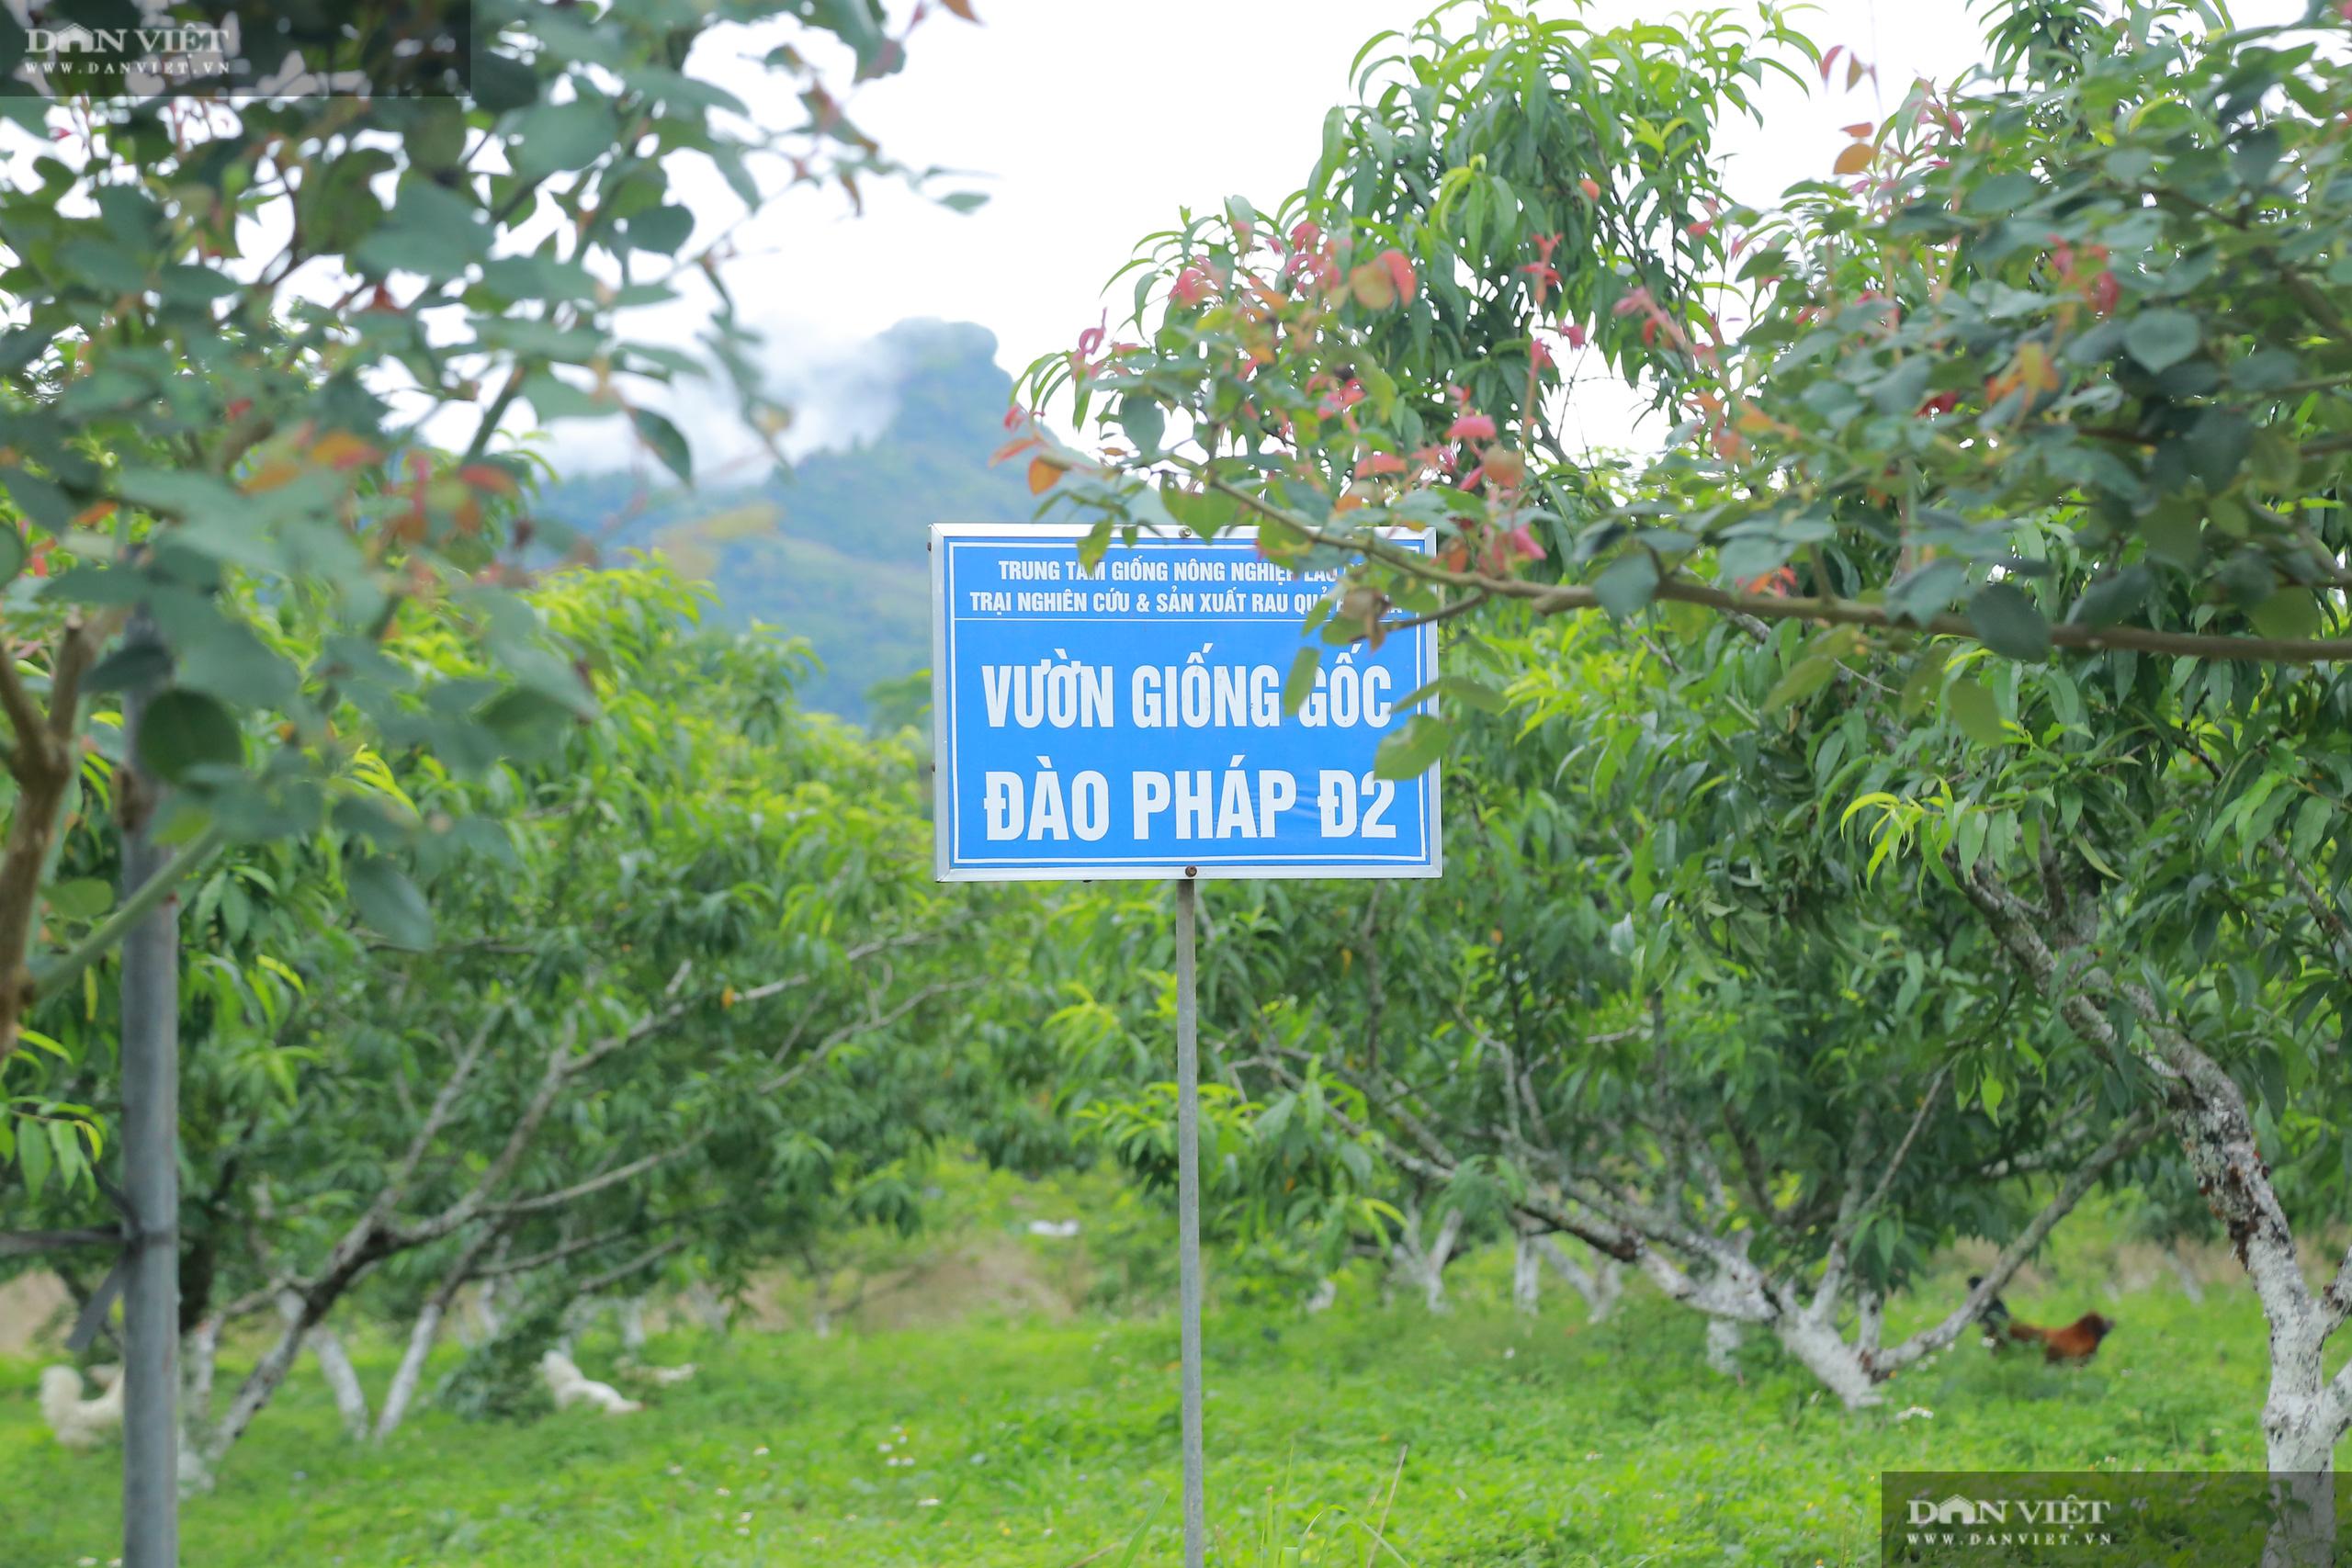 Chủ tịch Hội Nông dân Việt Nam thăm trại nghiên cứu cây ăn quả đặc sản ở biên giới - Ảnh 8.